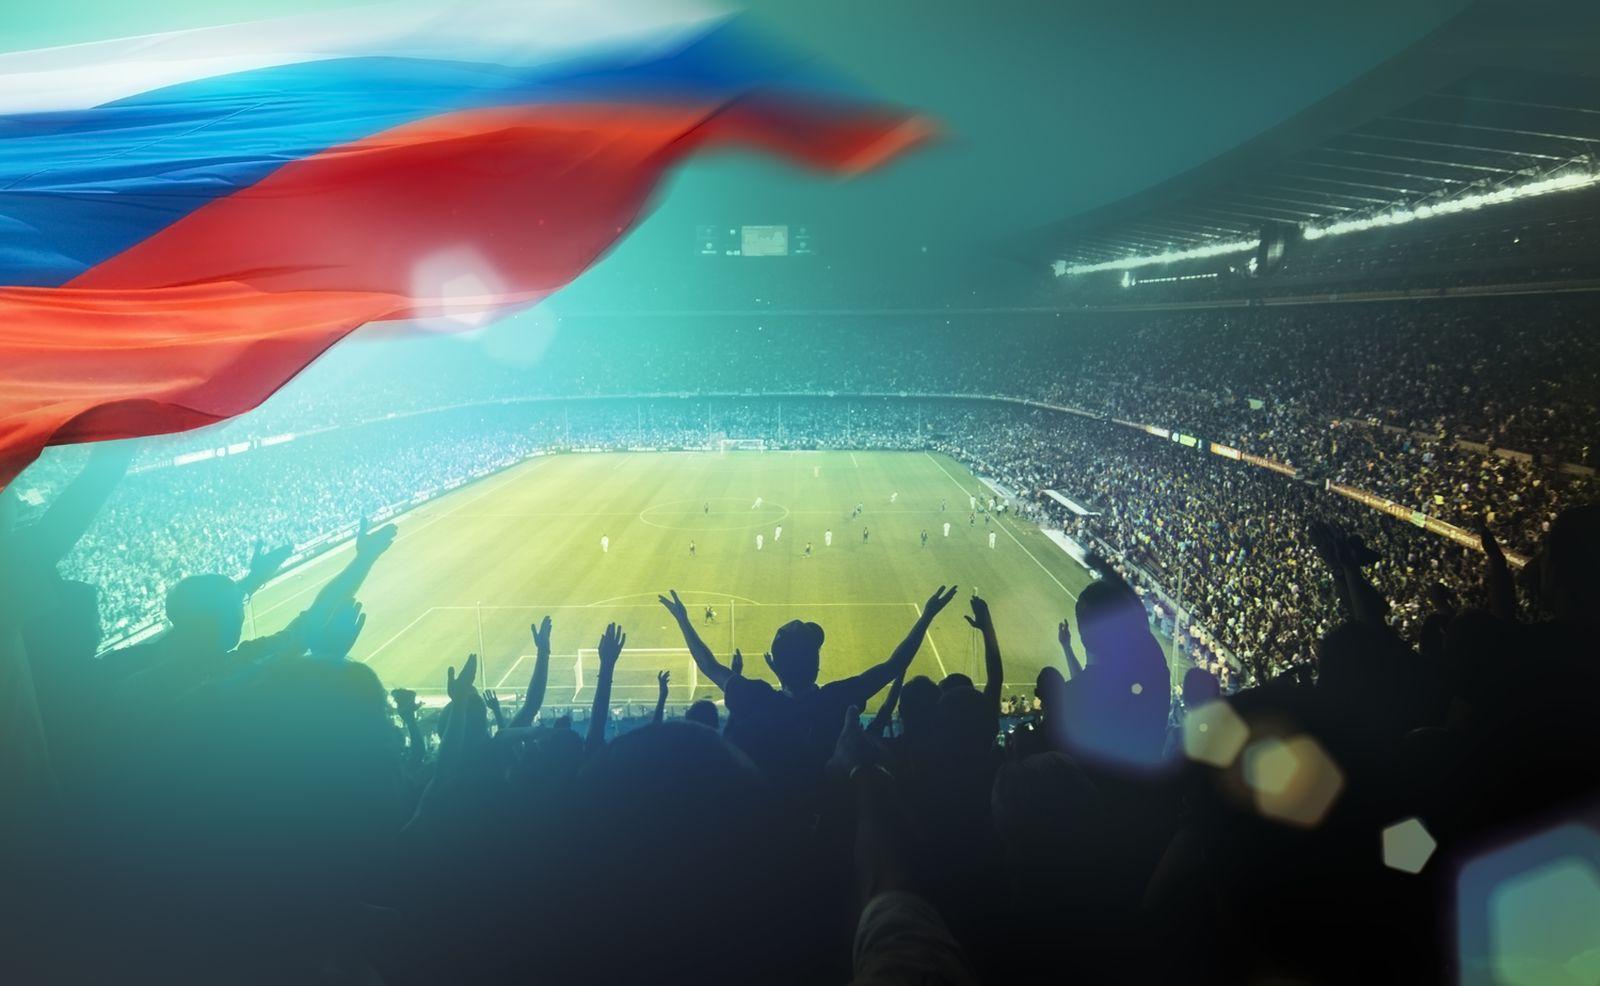 Ćwierćfinał mundialu w Rosji. Kto ma szanse dotrzeć do finału?